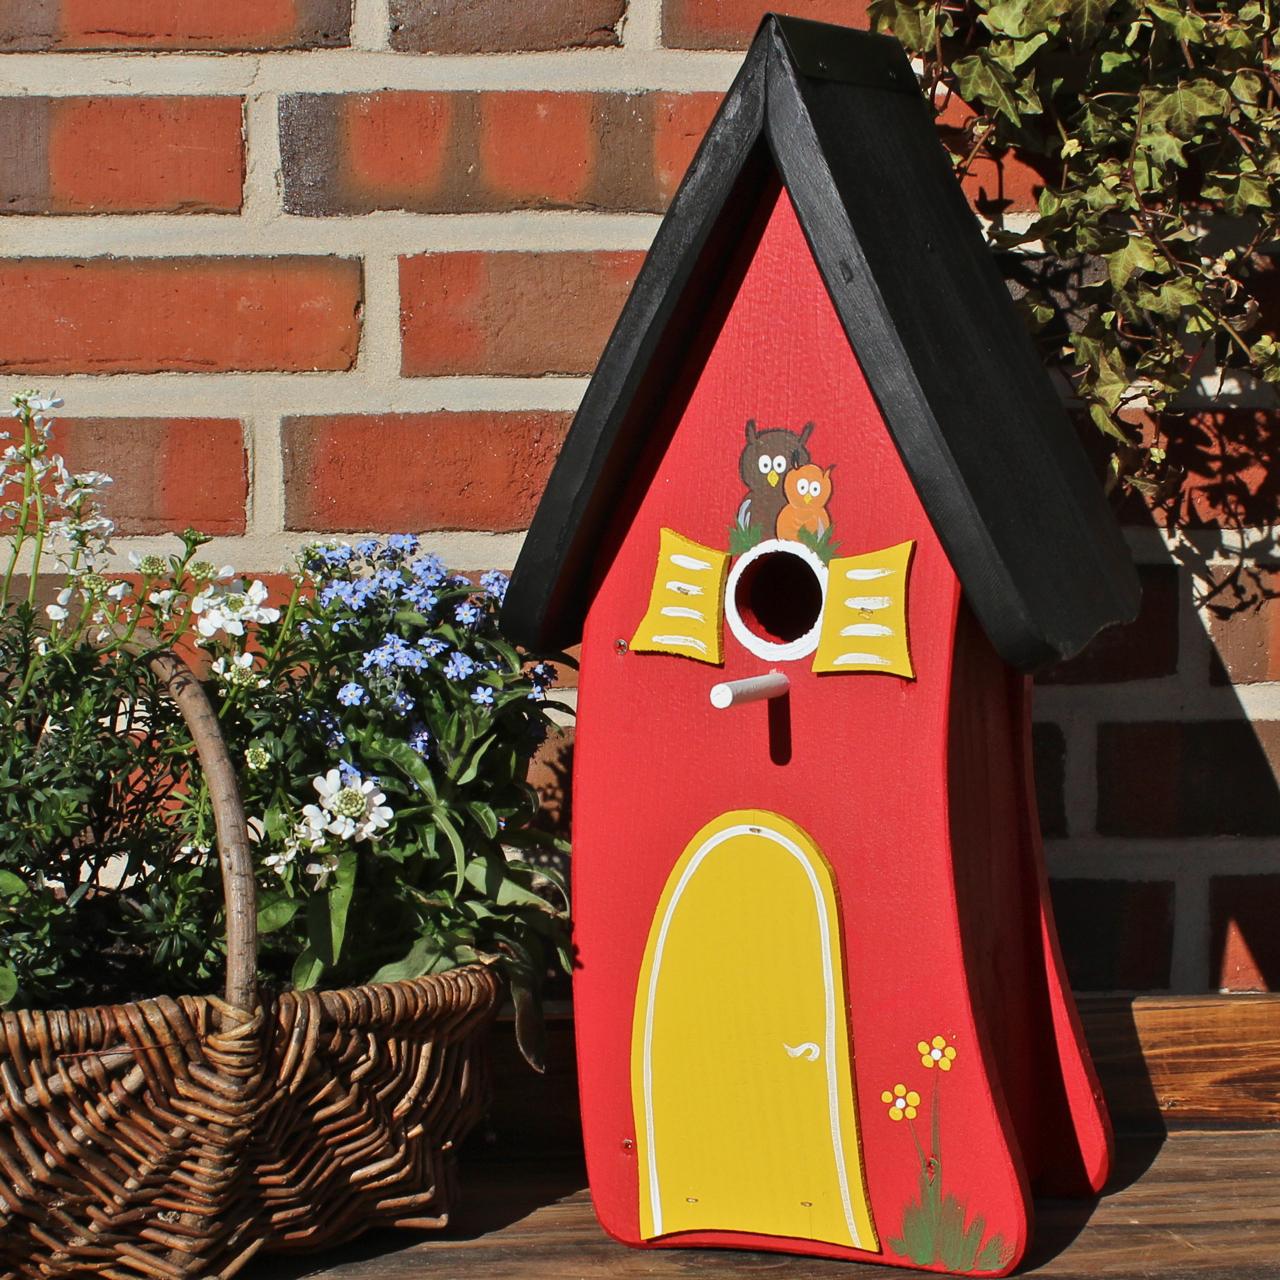 vogelvilla nistkasten klassik rot vogel und naturschutzprodukte einfach online kaufen. Black Bedroom Furniture Sets. Home Design Ideas